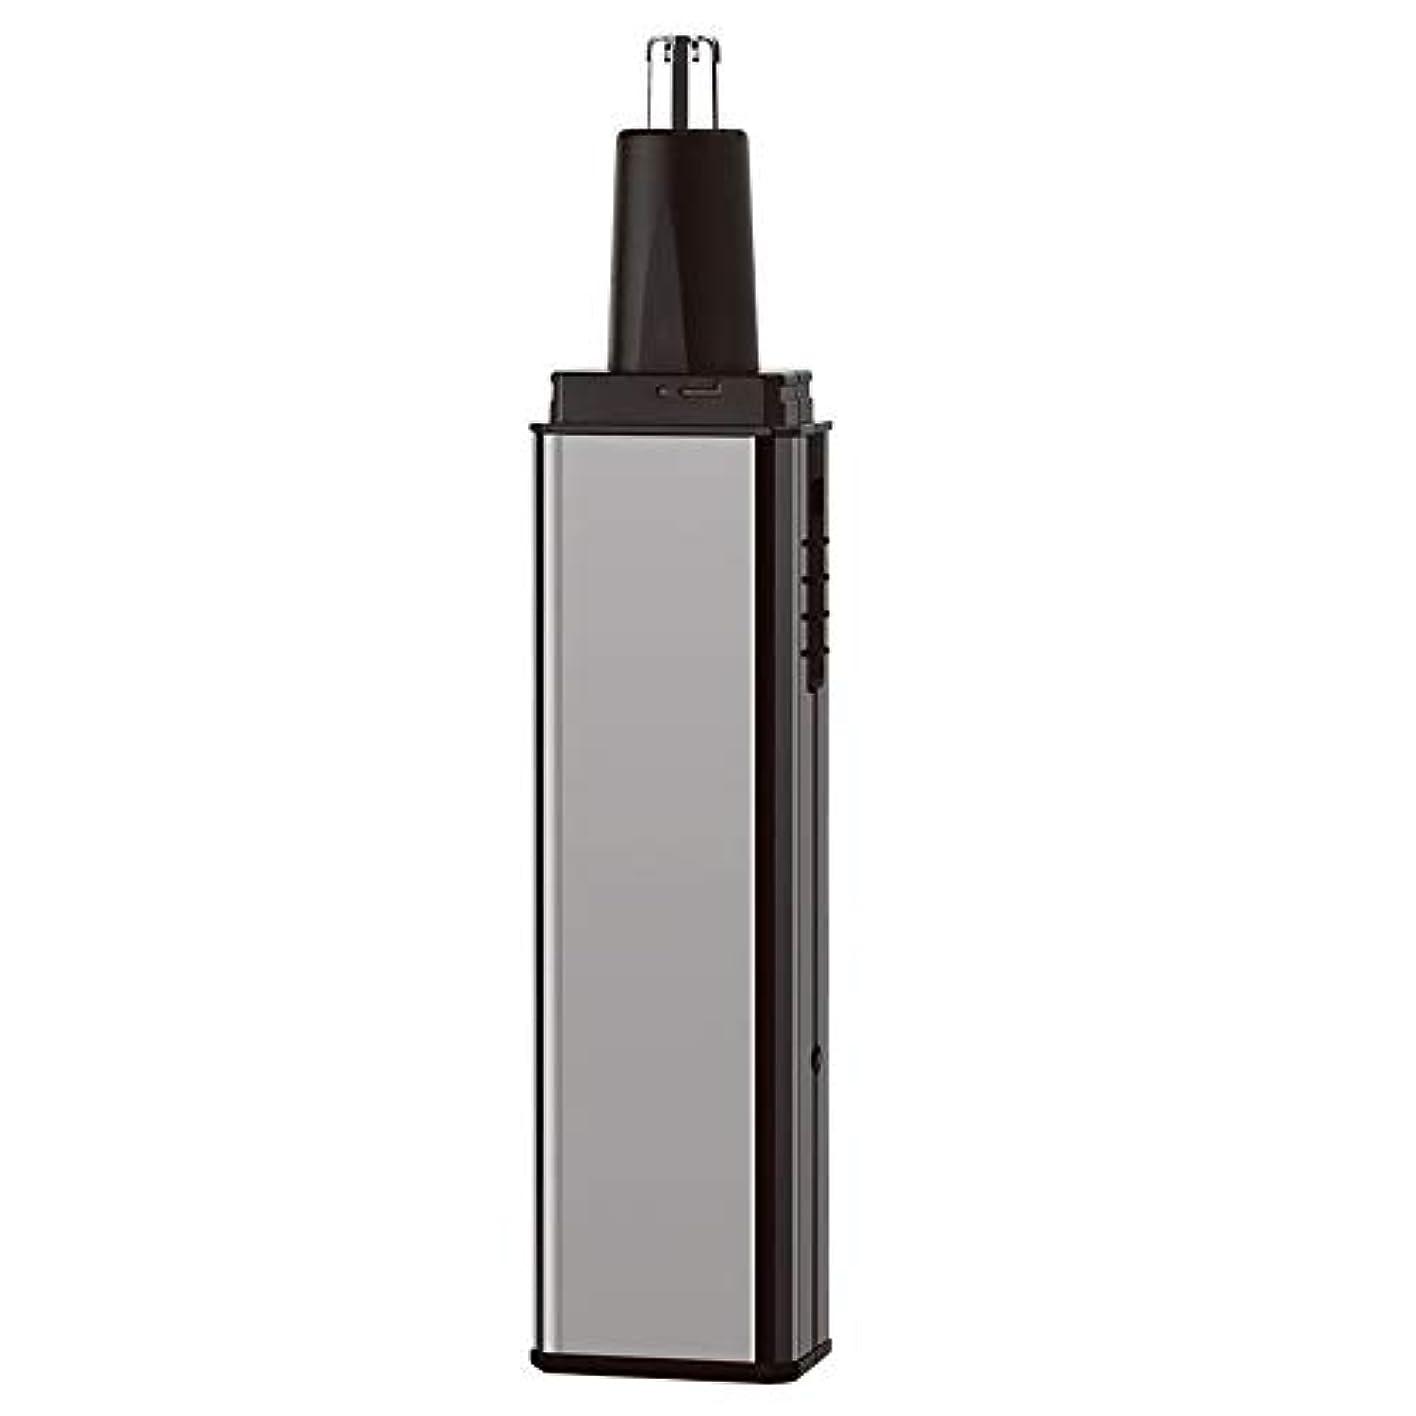 限りなく最少相互鼻毛トリマー-多機能スーツフォーインワン/電気鼻毛トリマー/ステンレススチール/多機能/ 13.5 * 2.7cm 作り方がすぐれている